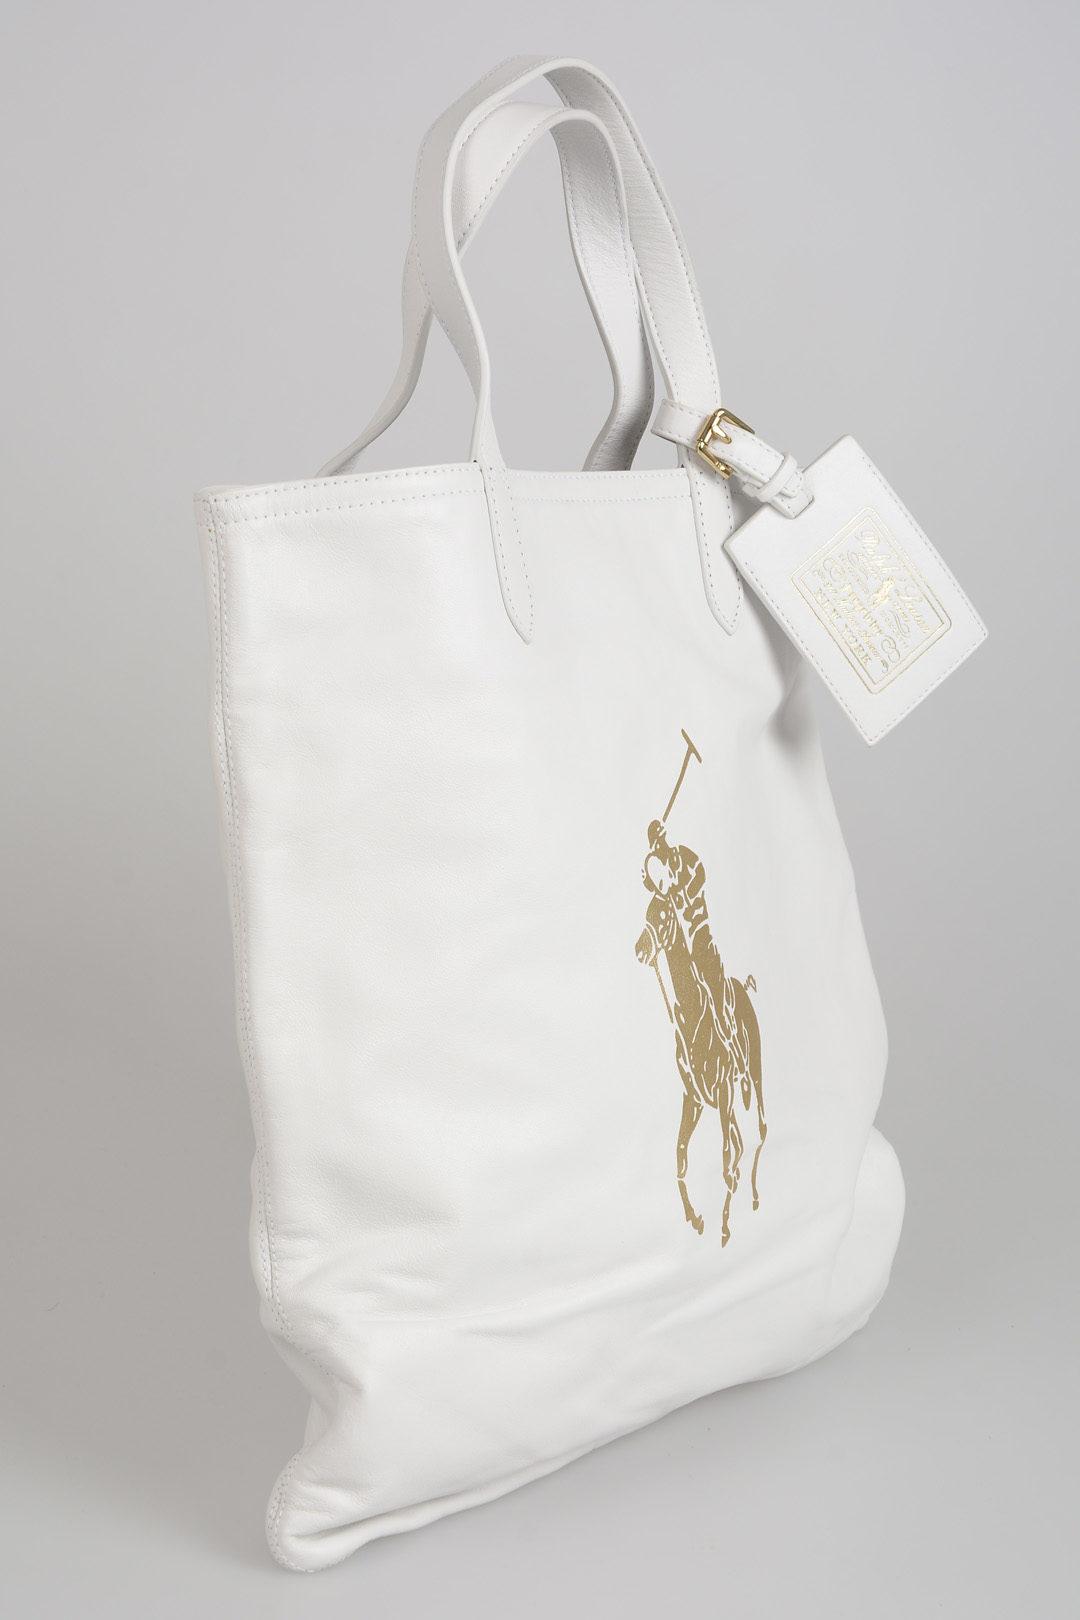 7e077ca970889 Borsa In Pelle Ralph Lauren donna - Cuoieria Shop On-line